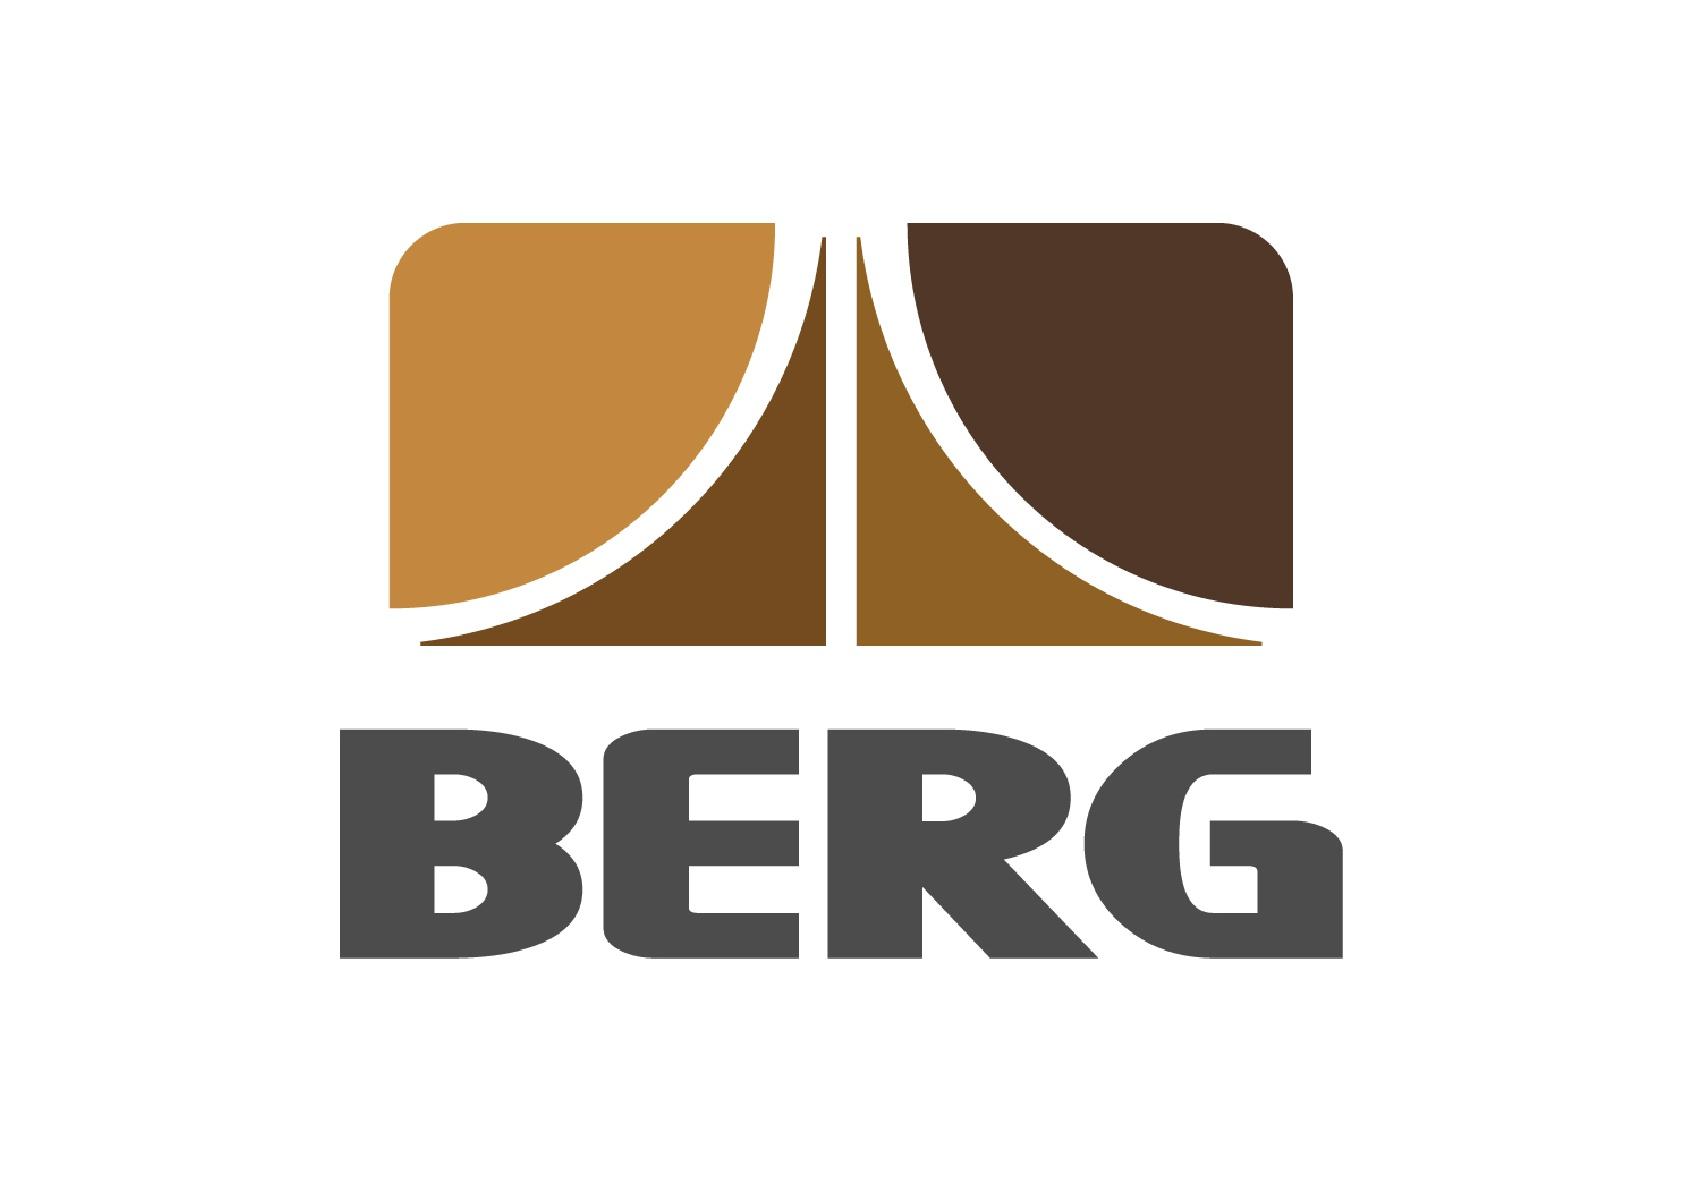 BERG ロゴ